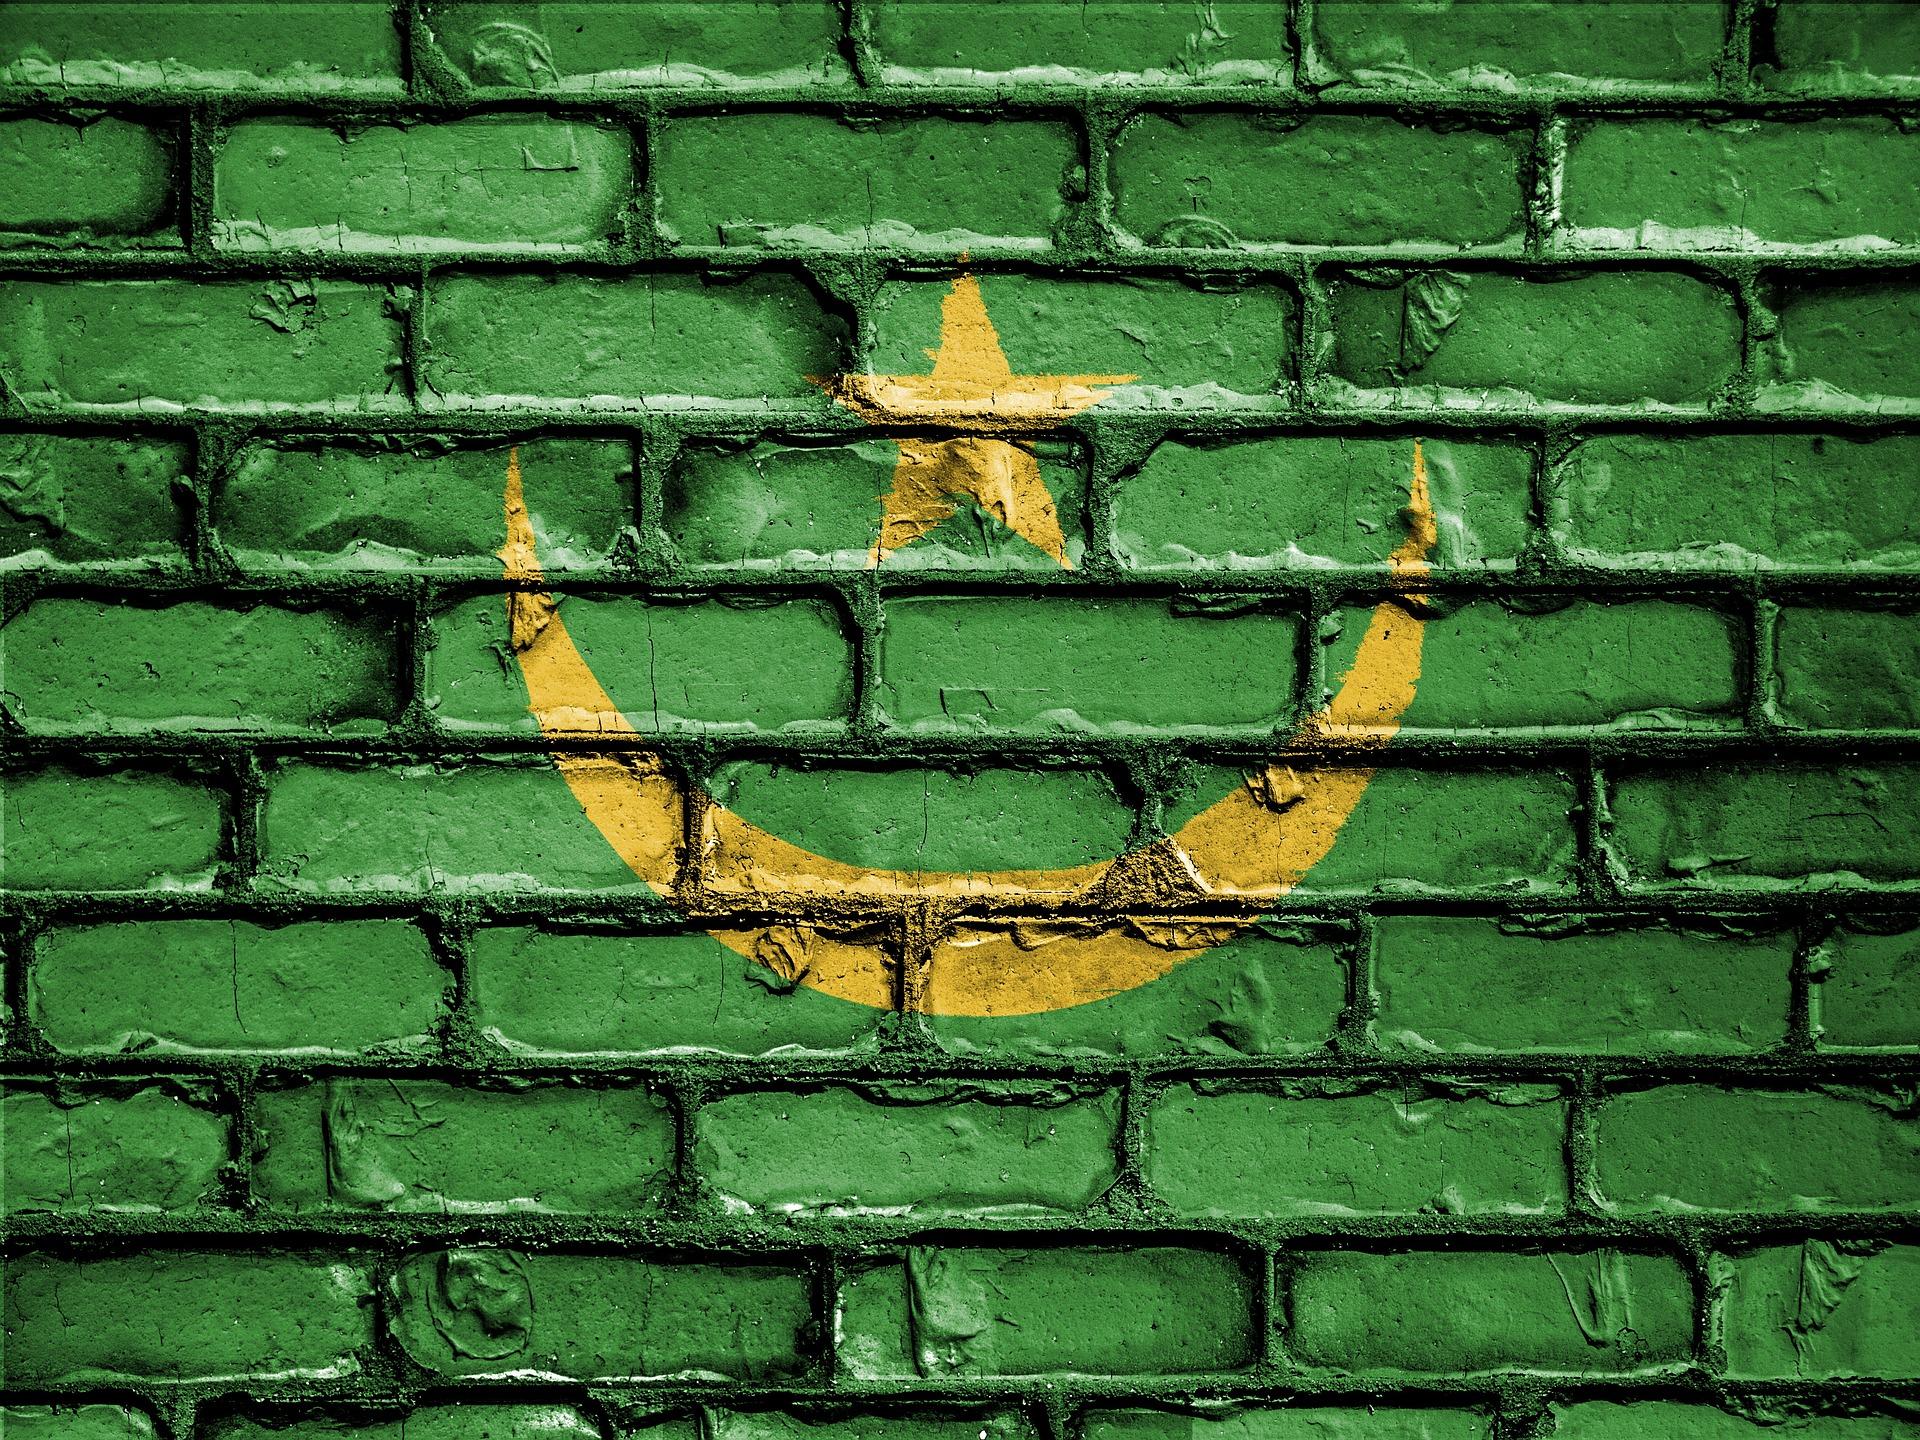 Mauritania extremists create hit-list of Christian leaders